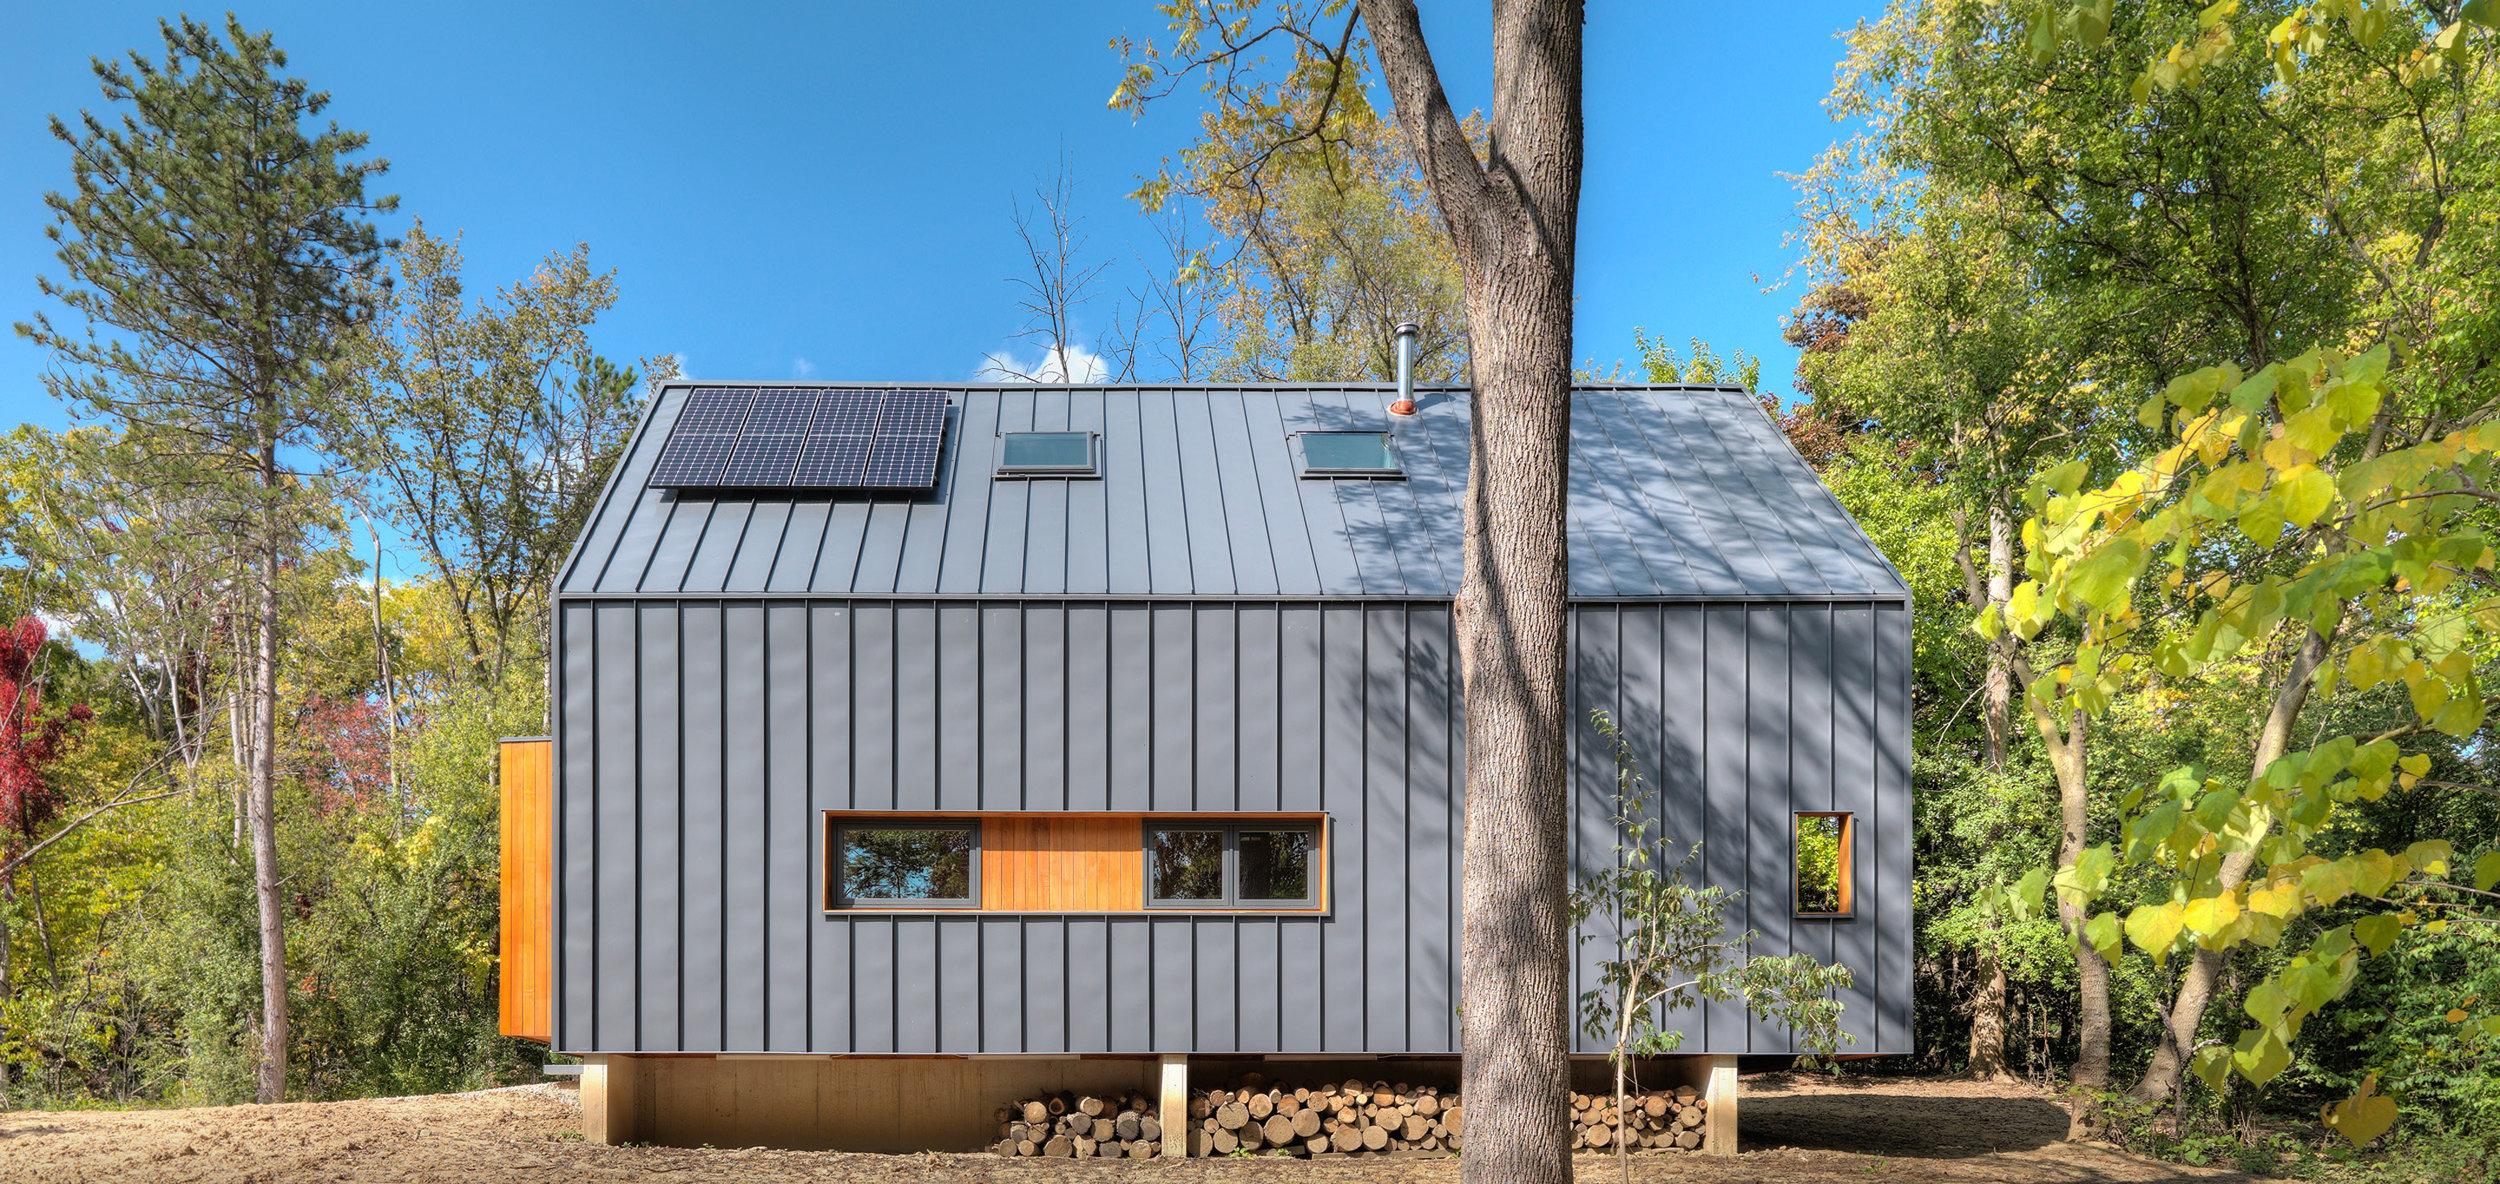 The Matchbox House - Ann Arbor, 2012